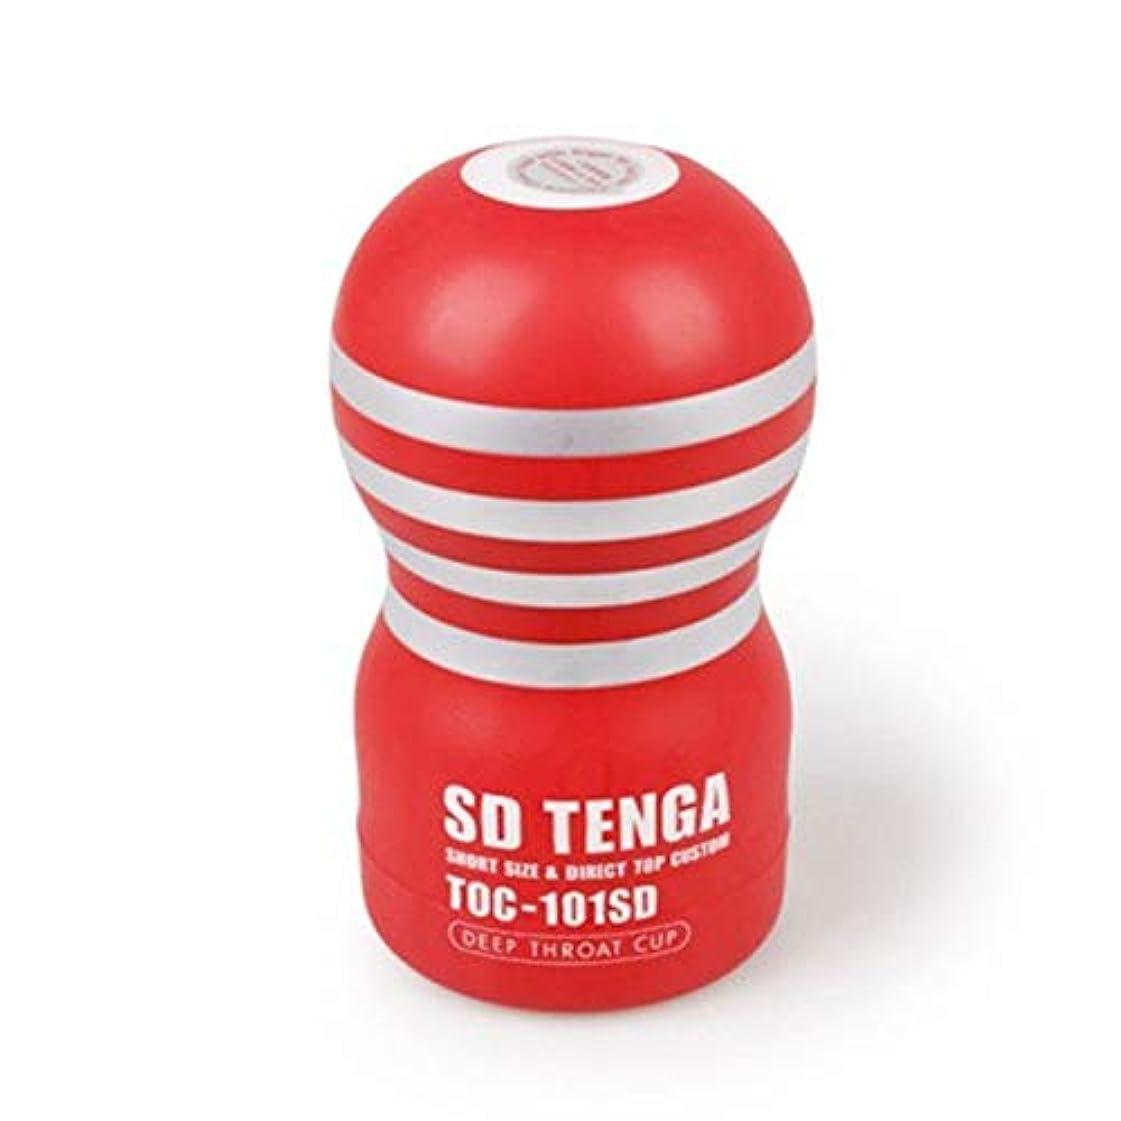 思春期のクローンどんよりしたRabugoo 大人のおもちゃ 再利用可能な真空セックスカップソフトシリコン膣リアルプッシーセクシーなポケット男性オナニーカップ大人のおもちゃ TOC-101SDスモールレッド